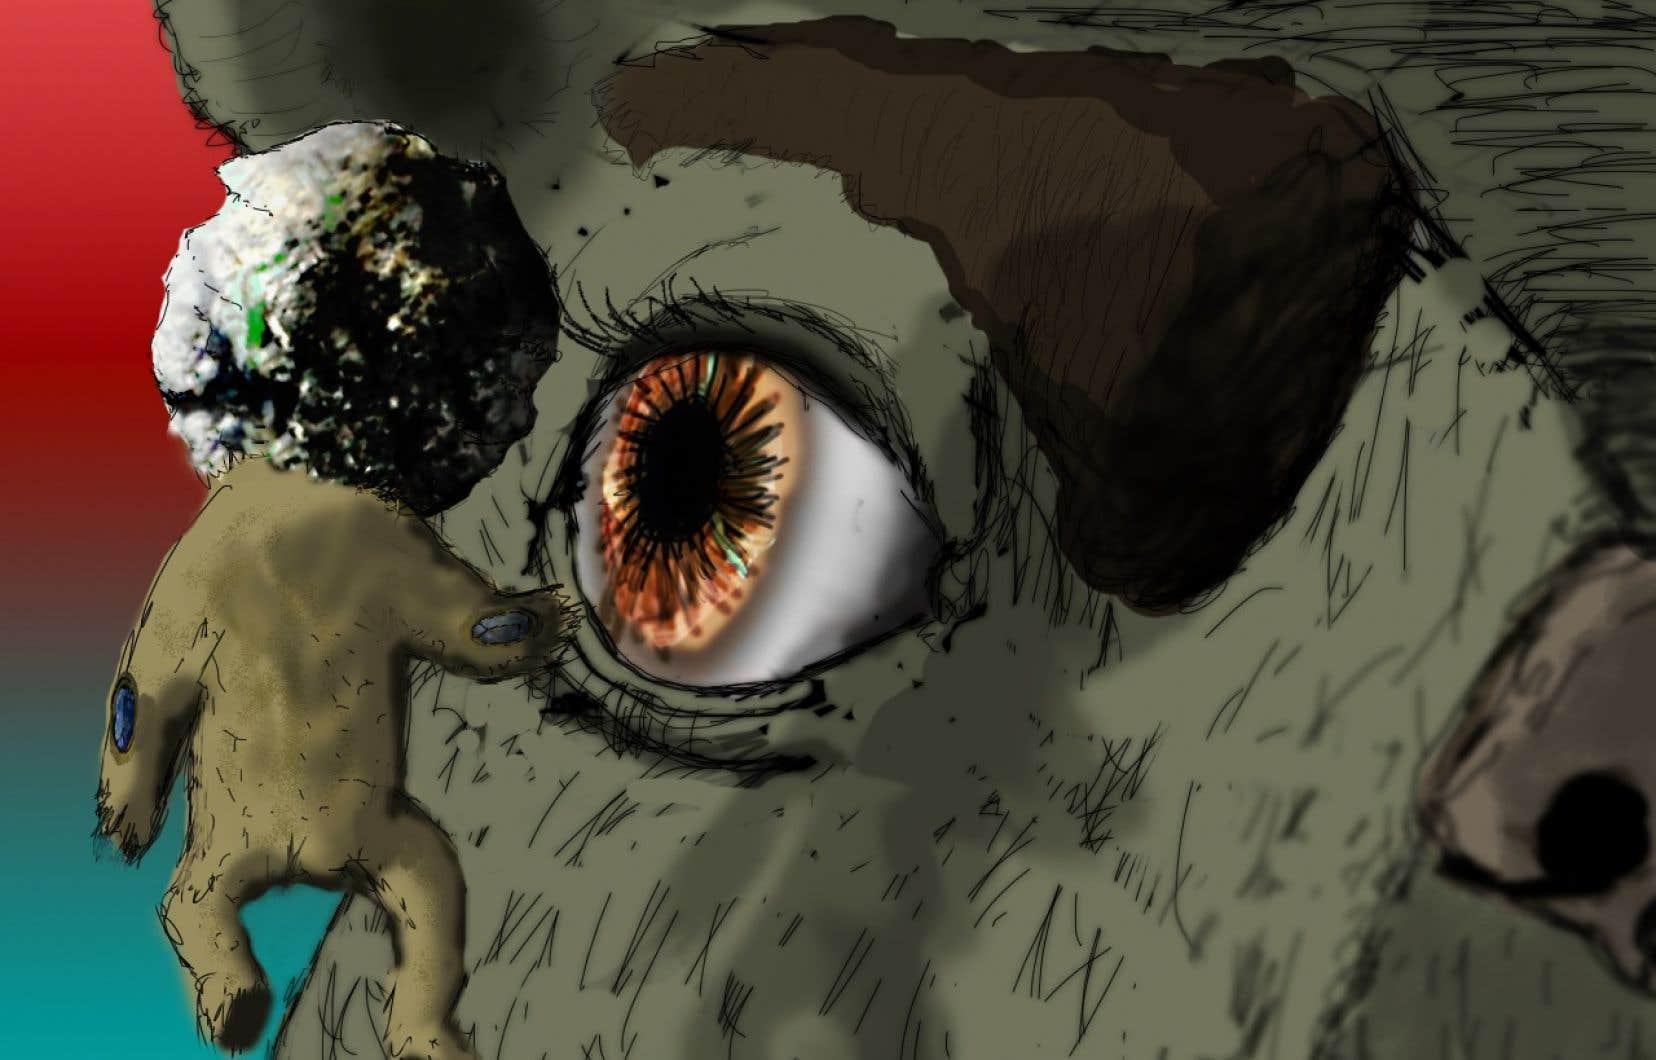 «Infini» est un jeu étrange, expérimental même. On y prend la place d'Espoir, un personnage non genré qui se retrouve perdu dans une sorte d'univers intérieur déjanté.